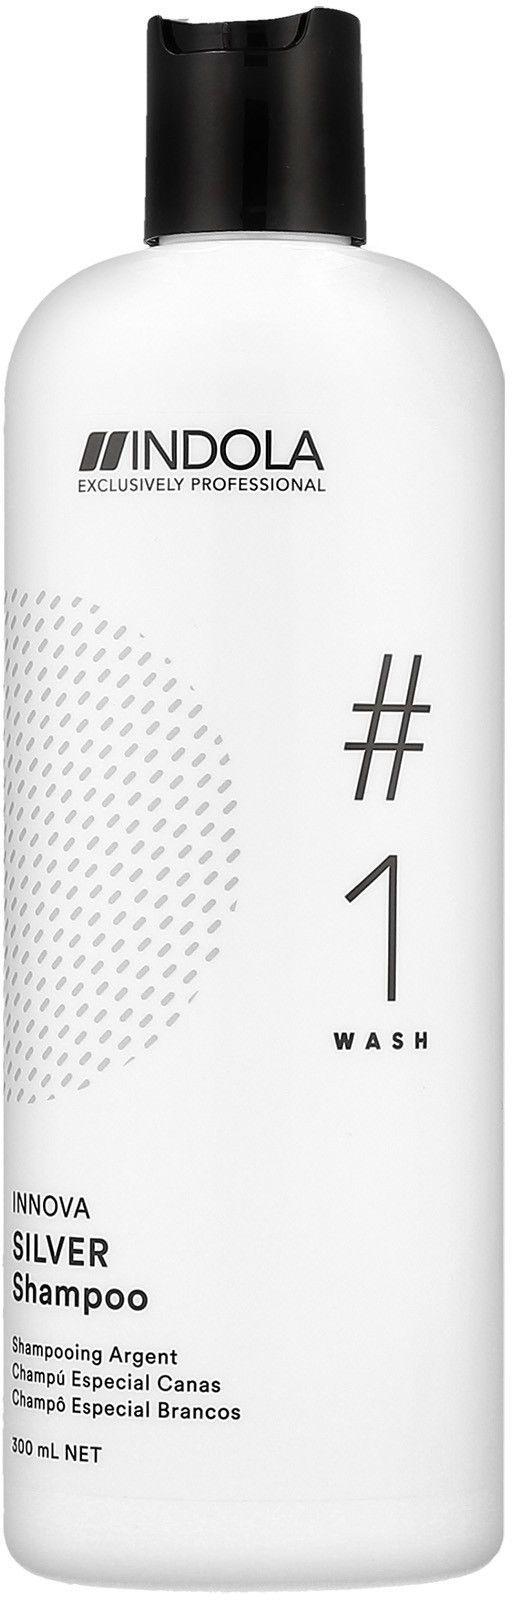 Indola Innova Color Silver szampon do włosów rozjaśnianych, siwych 300ml